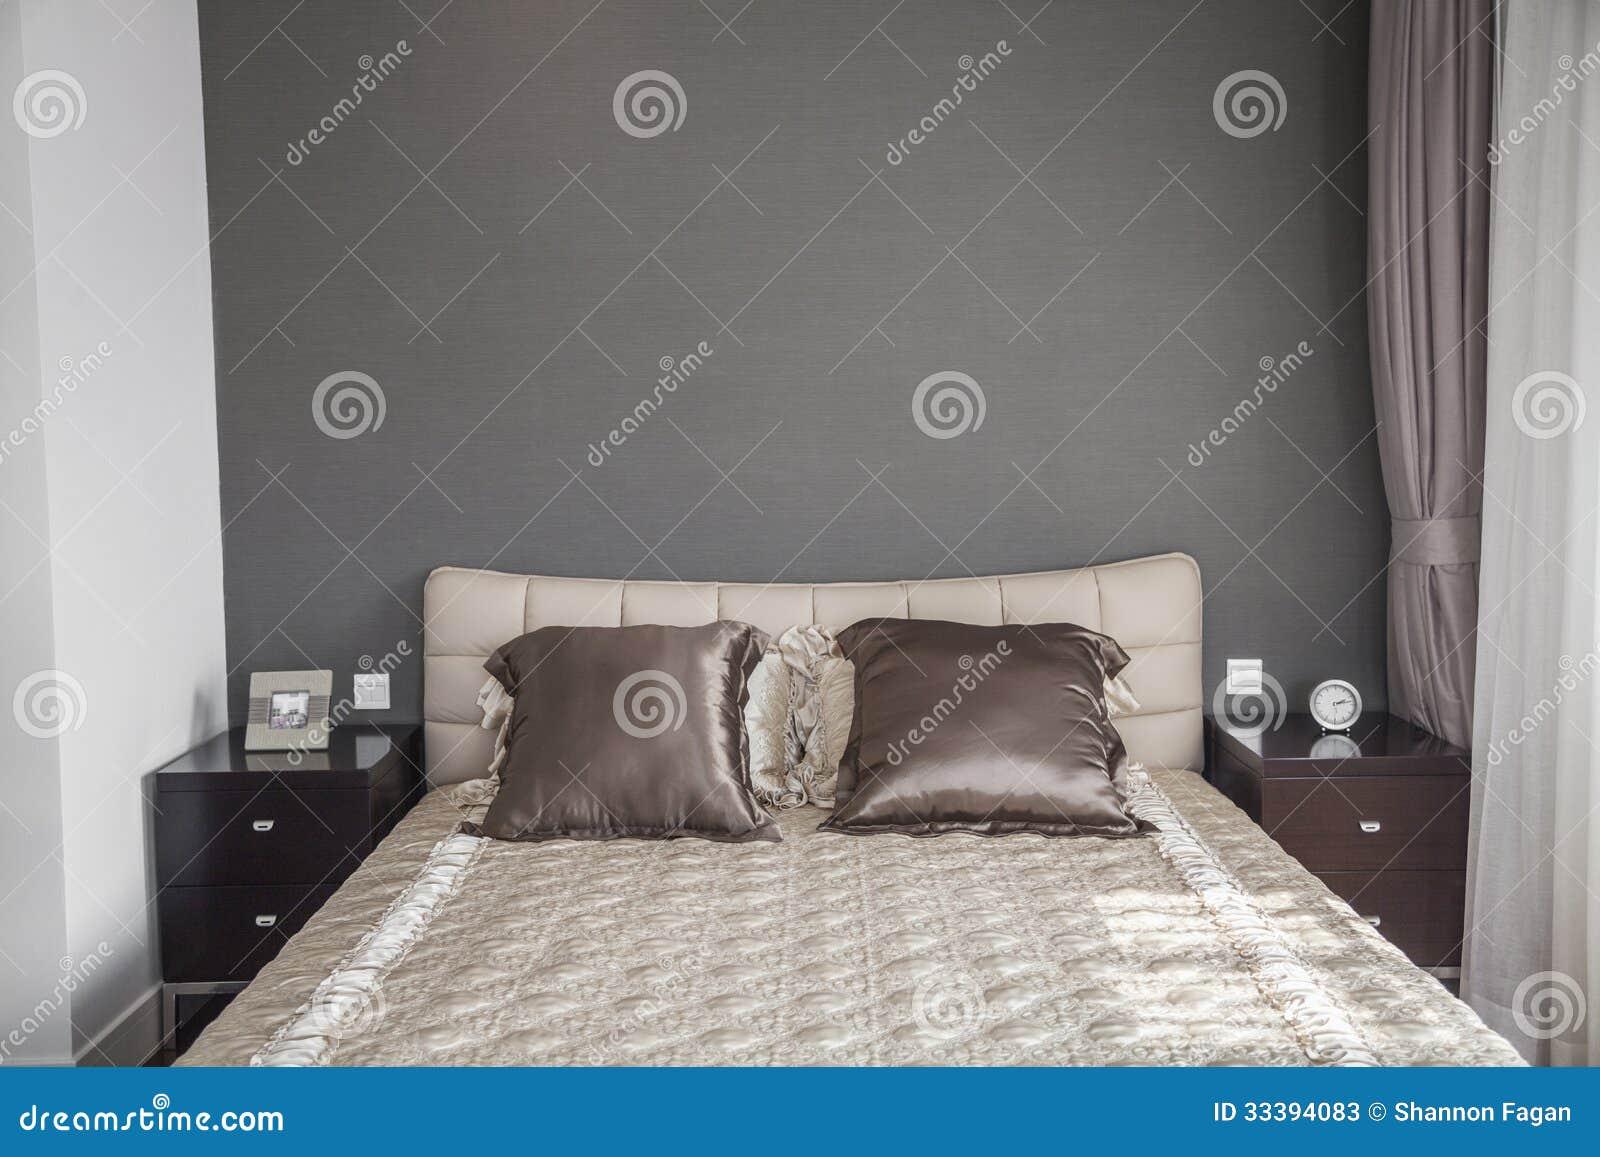 Heldere moderne slaapkamer met beige sprei. stock afbeelding